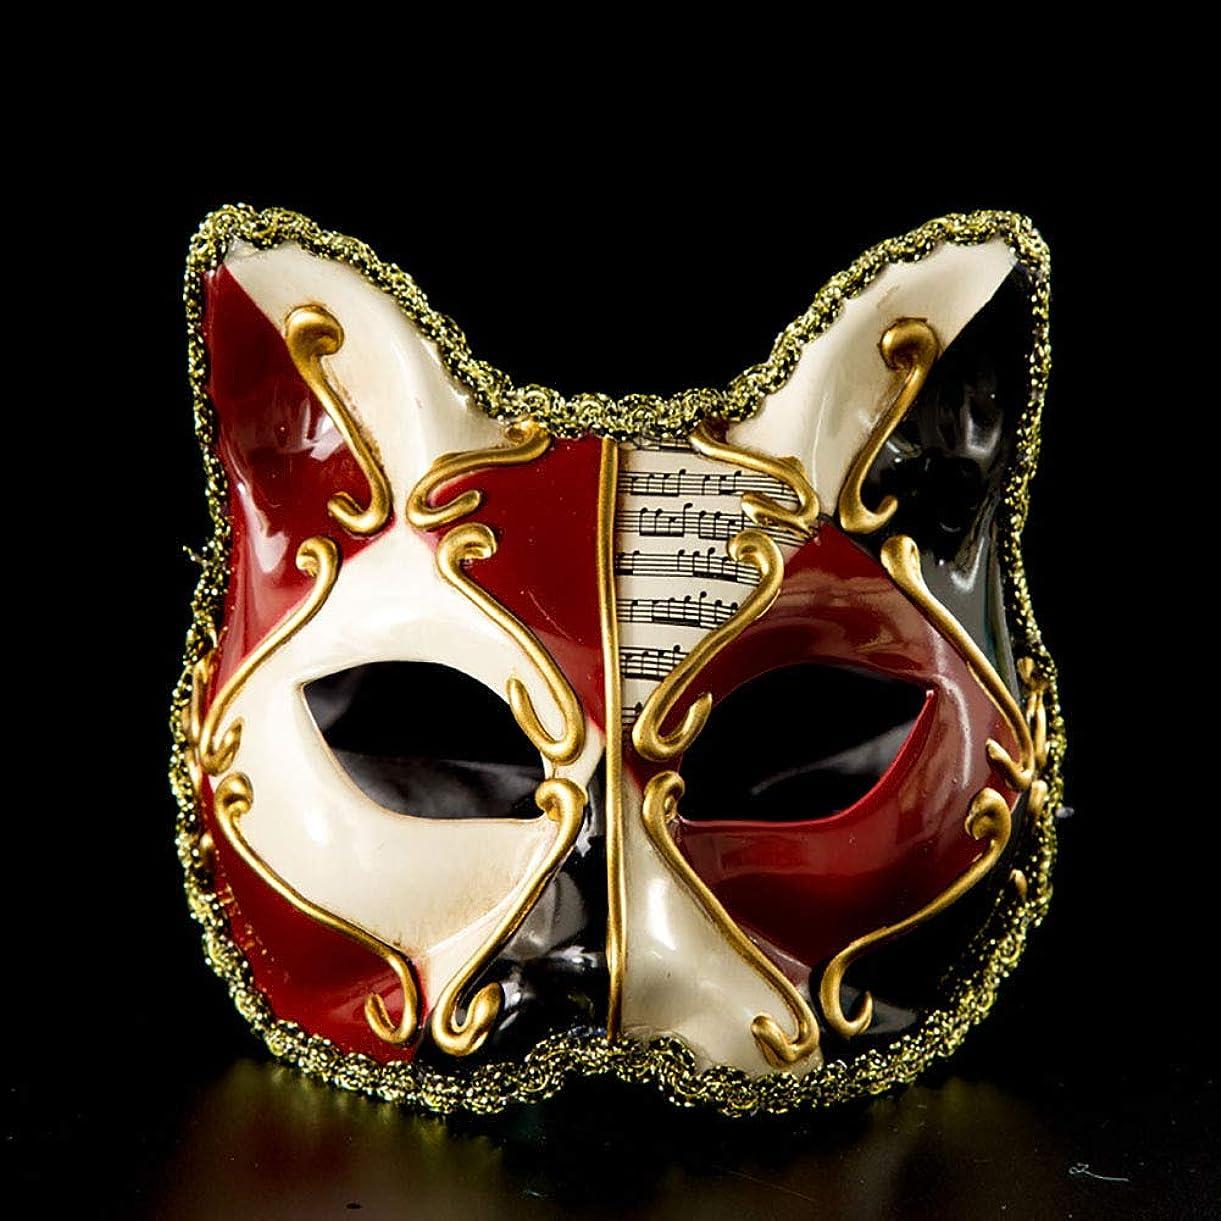 何故なのパントリー下にマスクベネチアン子猫マスク子供仮装ボールパーティー,赤